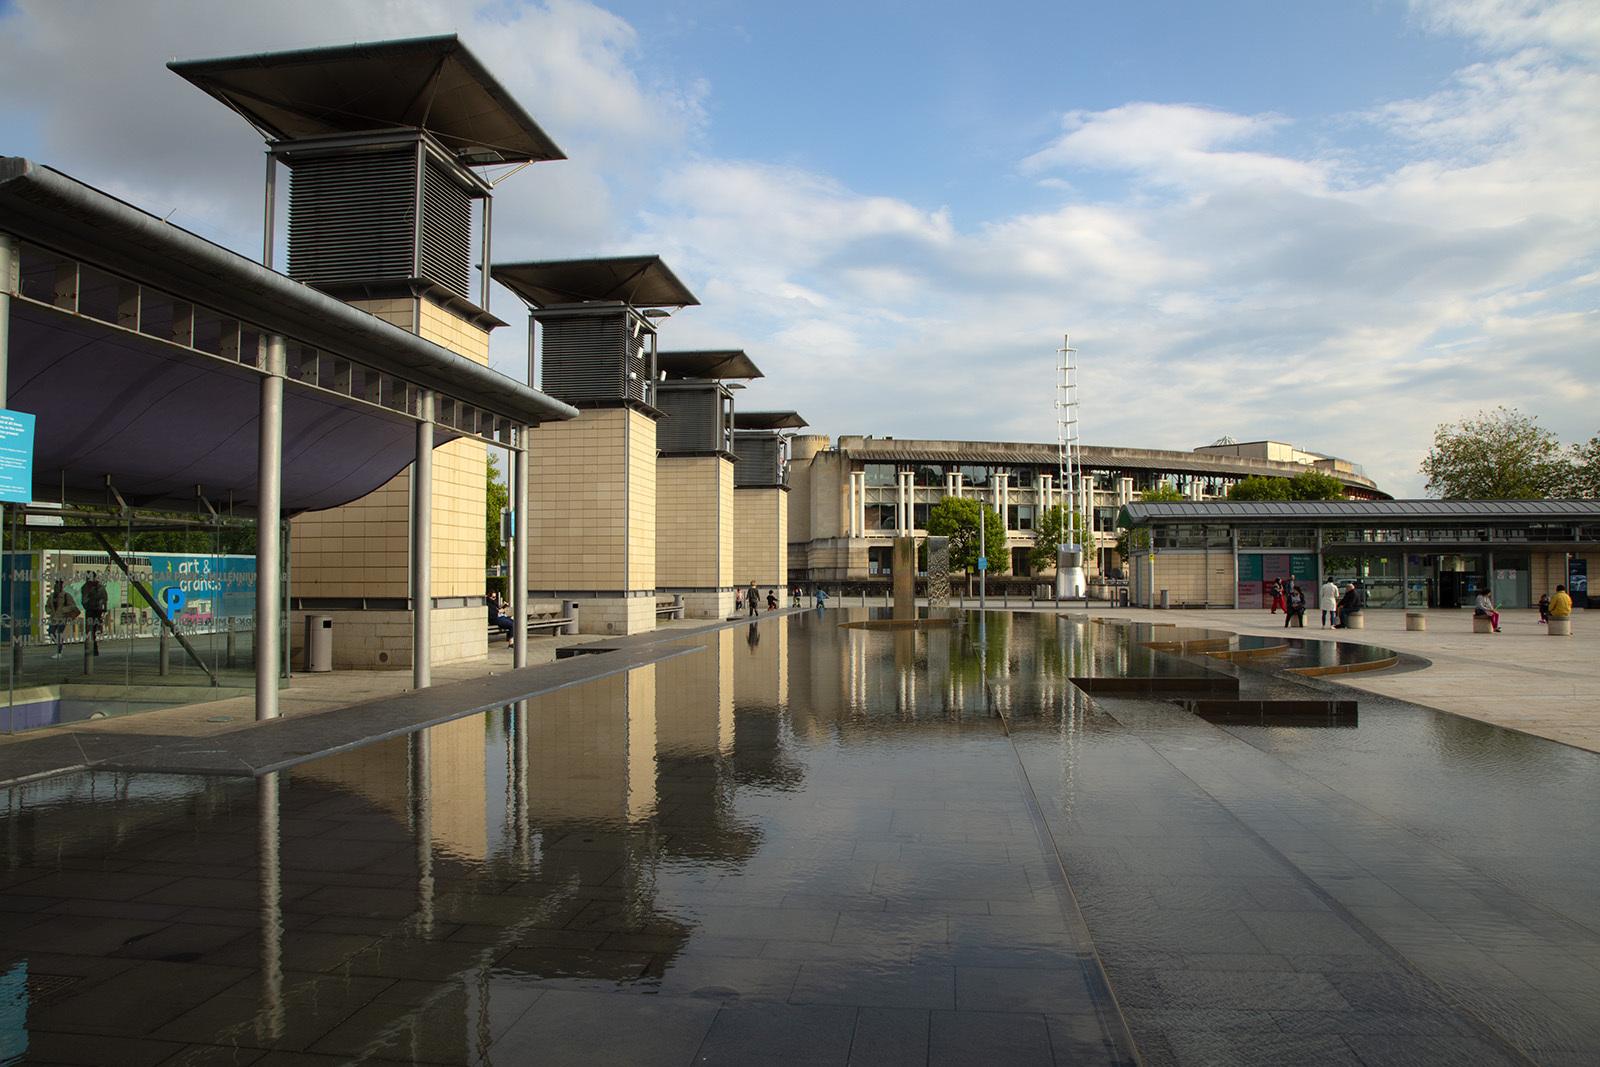 Millennium Square Bristol UK